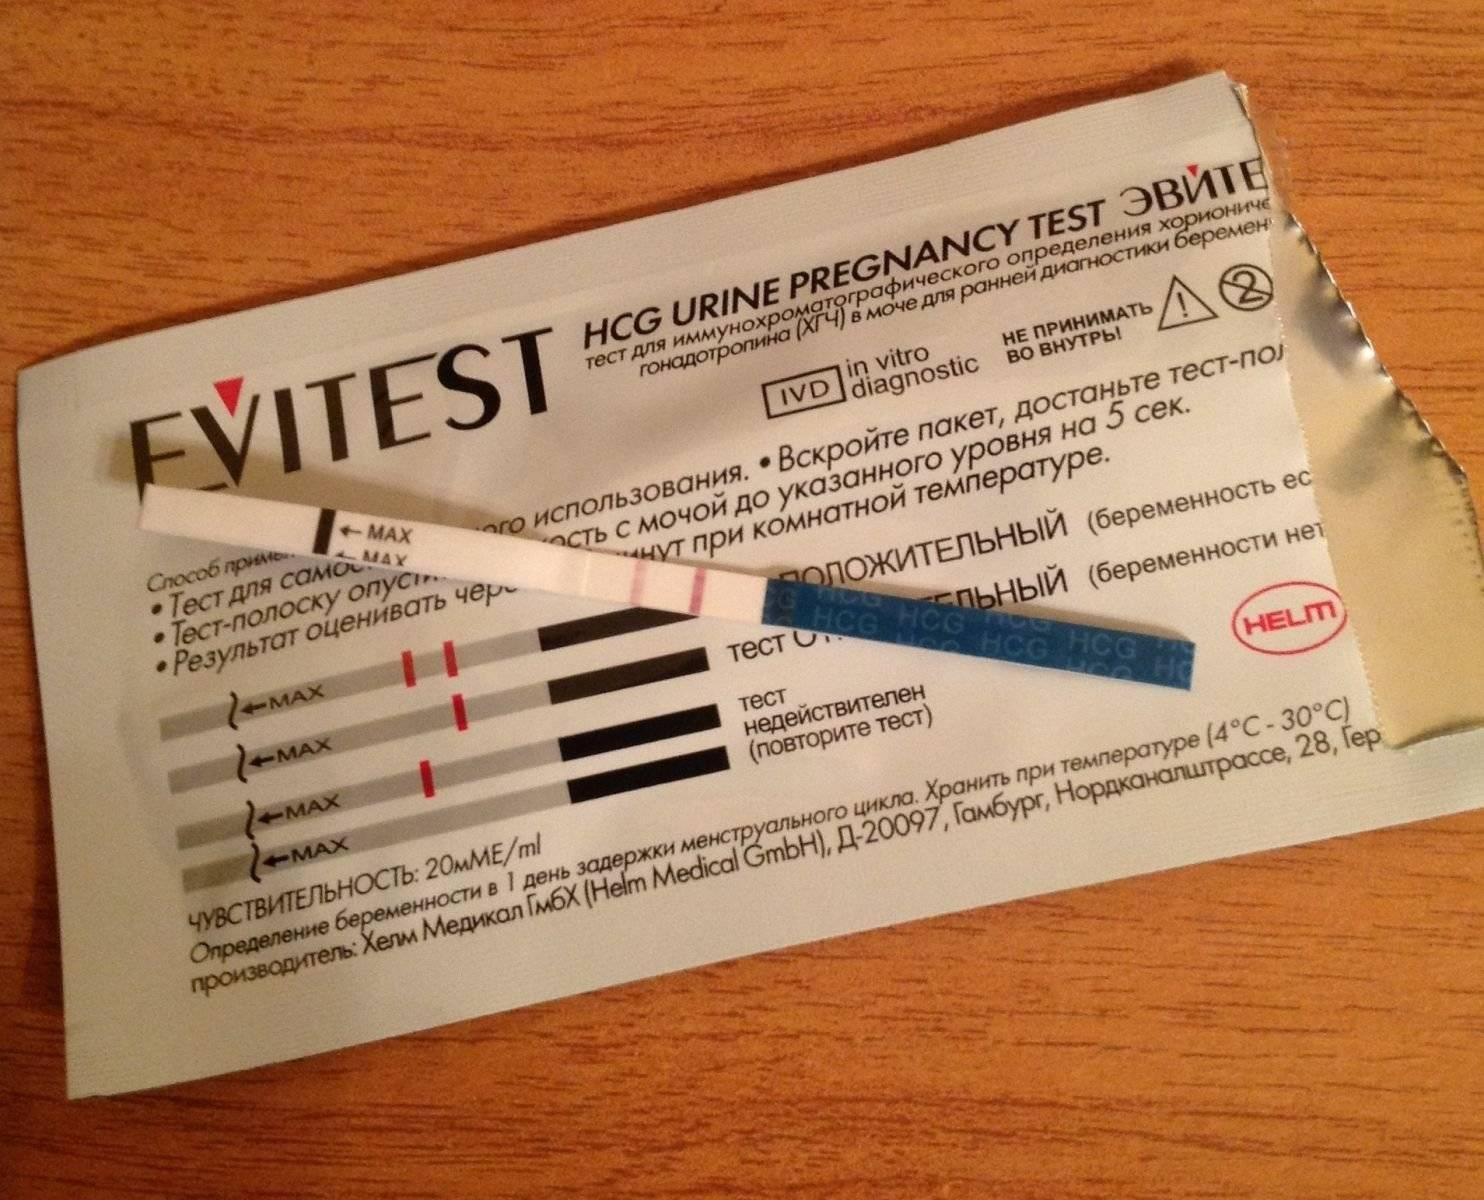 Возникновение белых выделений при задержке месячных если тест отрицательный